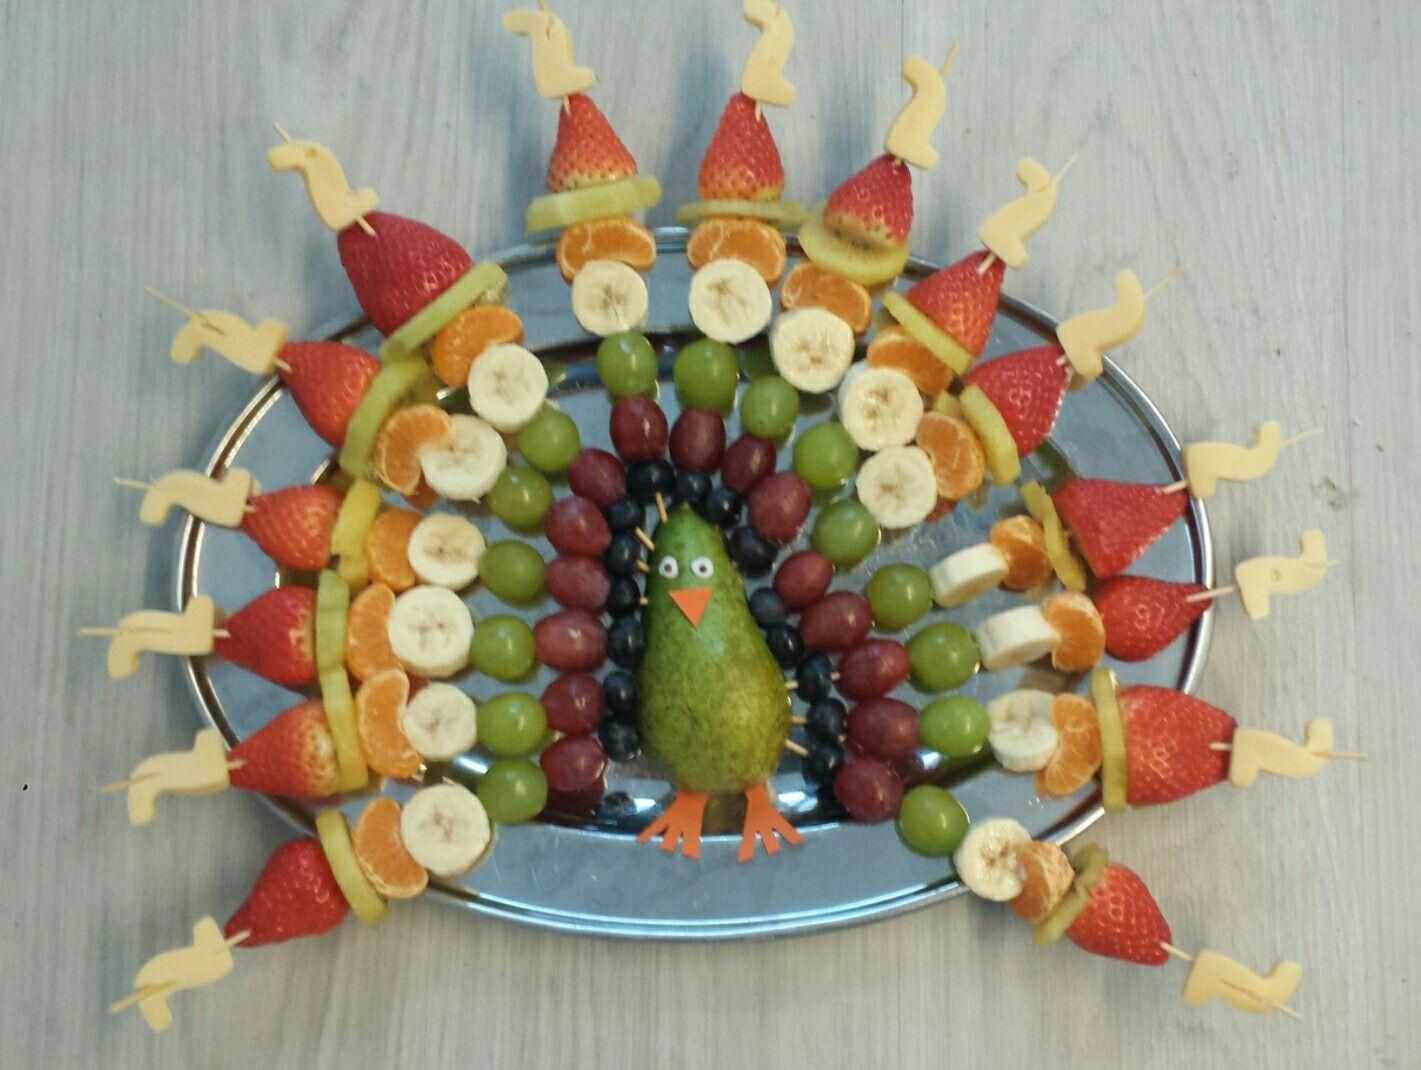 Goede Gezonde traktatie: pauw van fruit in 2020 | Traktaties, Gezond AJ-01